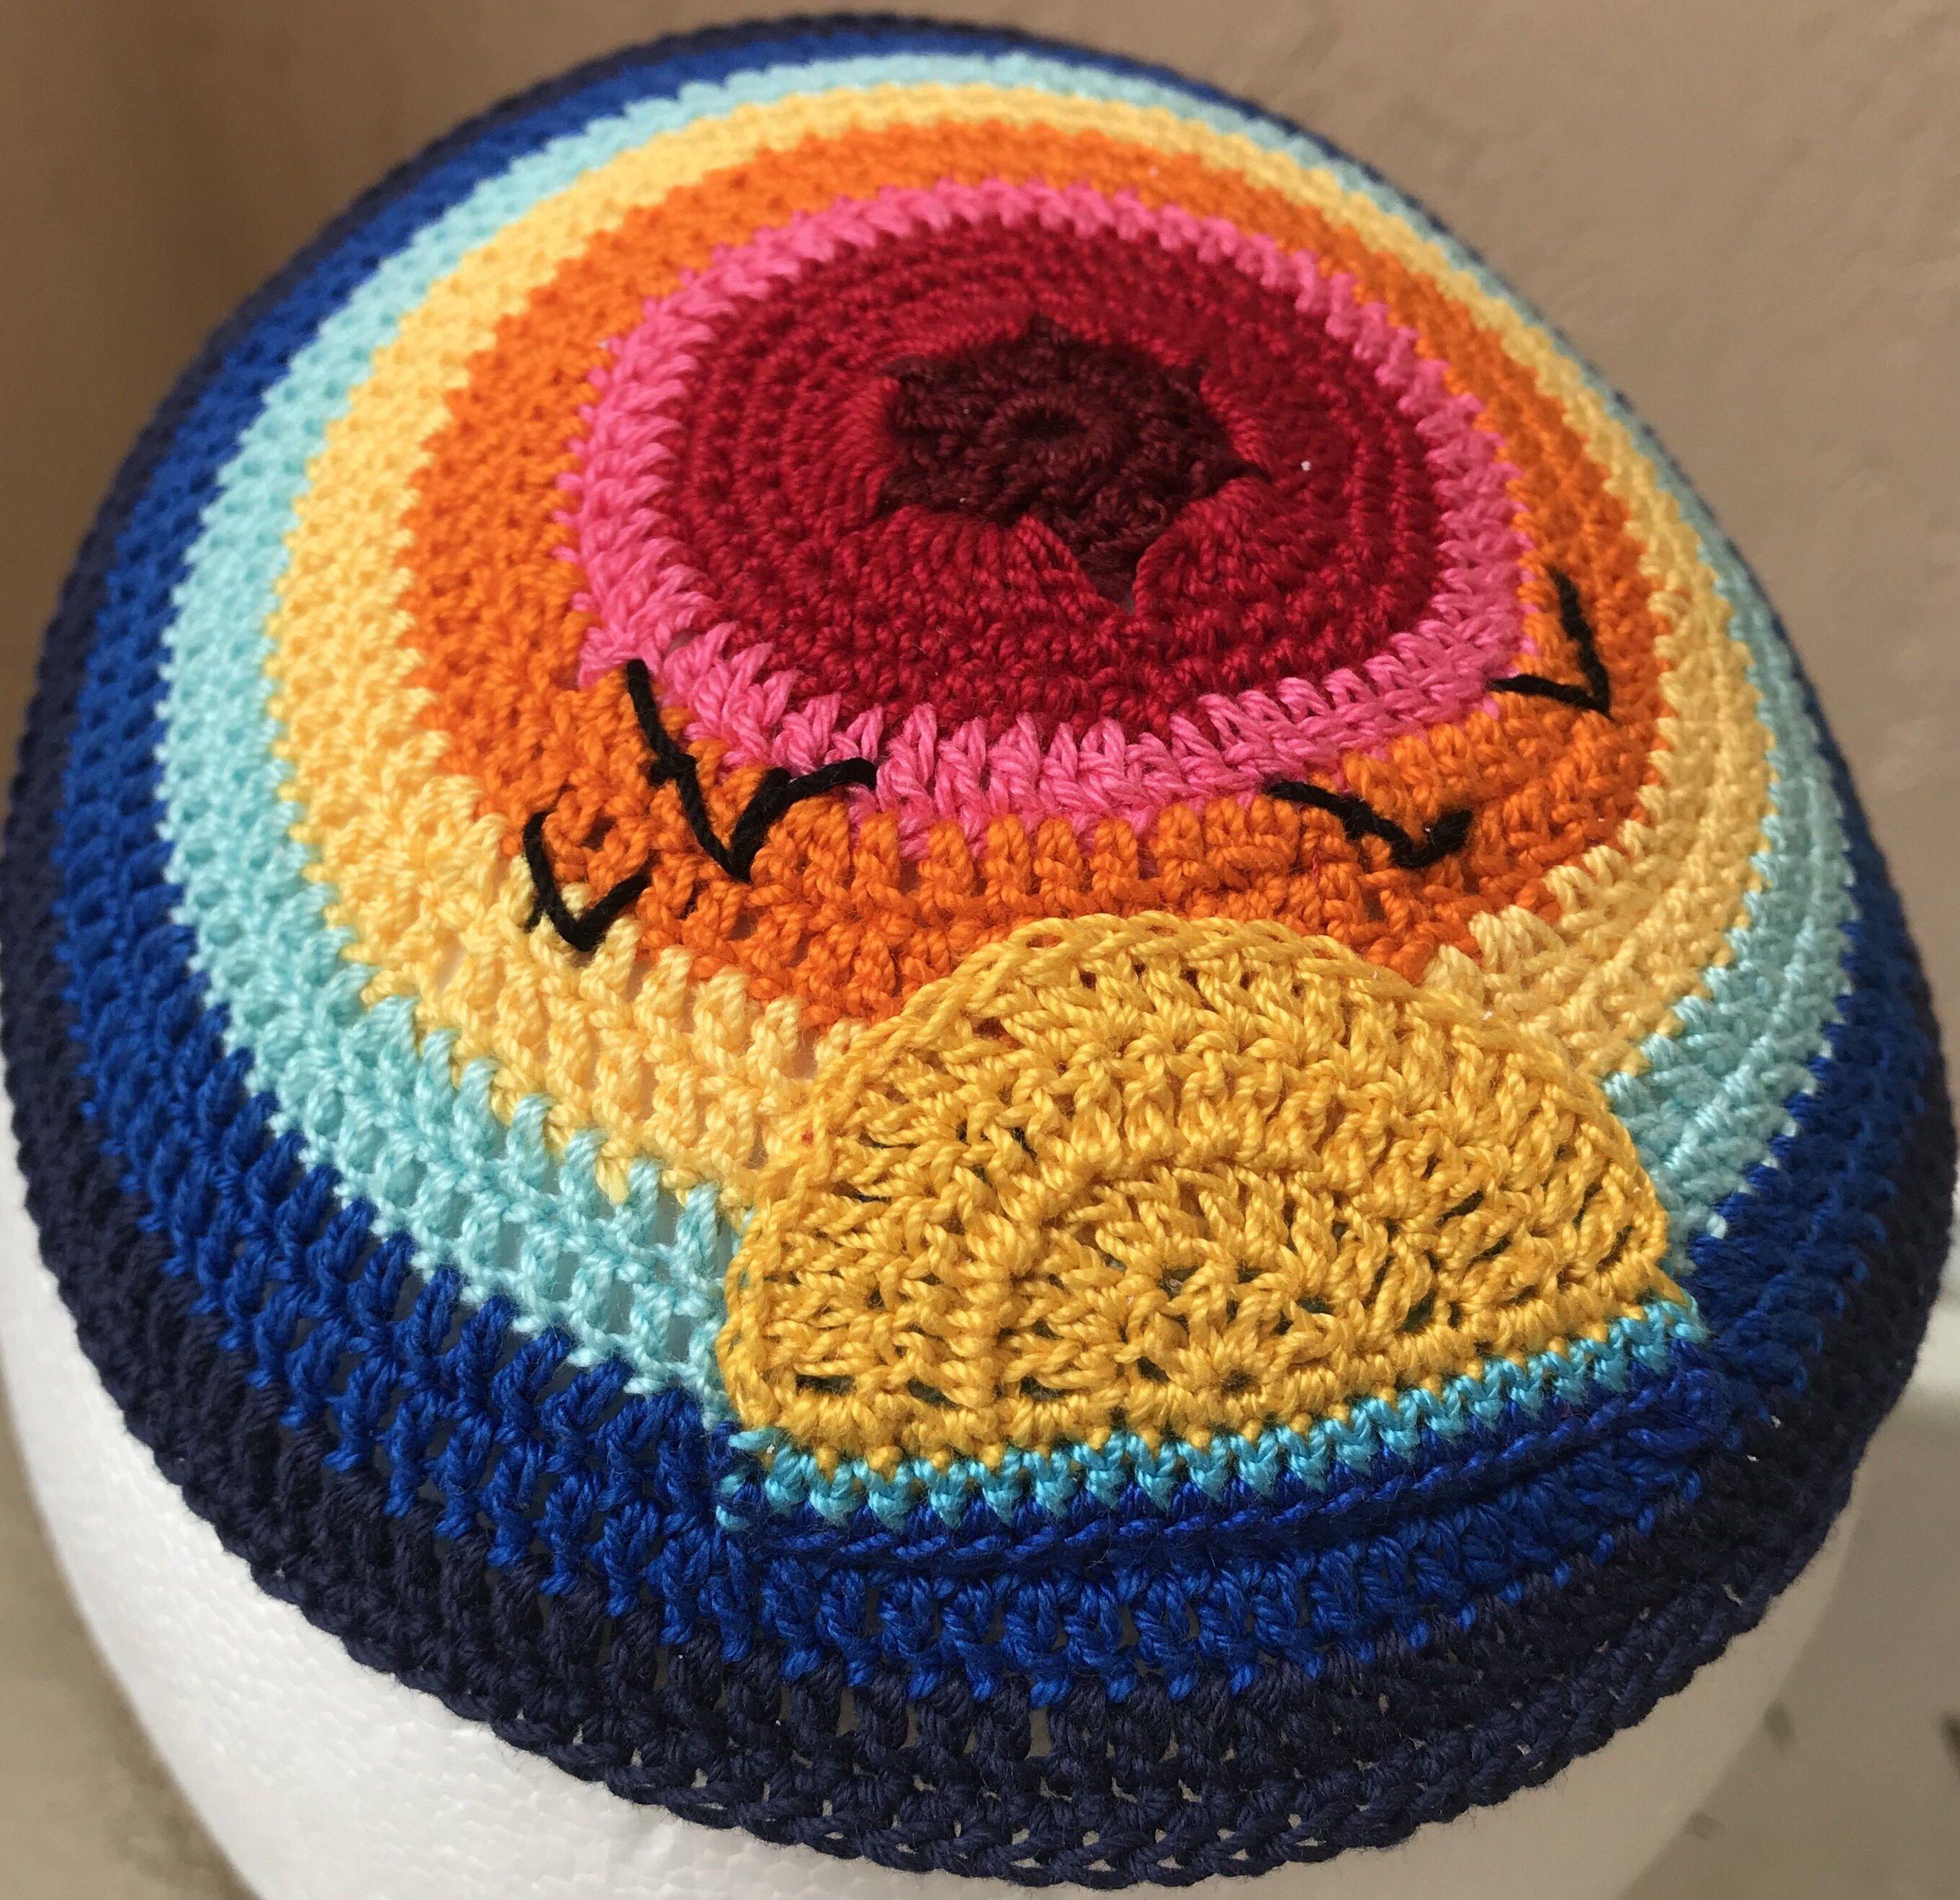 Cubs kippah, Cubs yarmulke | Kippah and yarmulkes | Pinterest